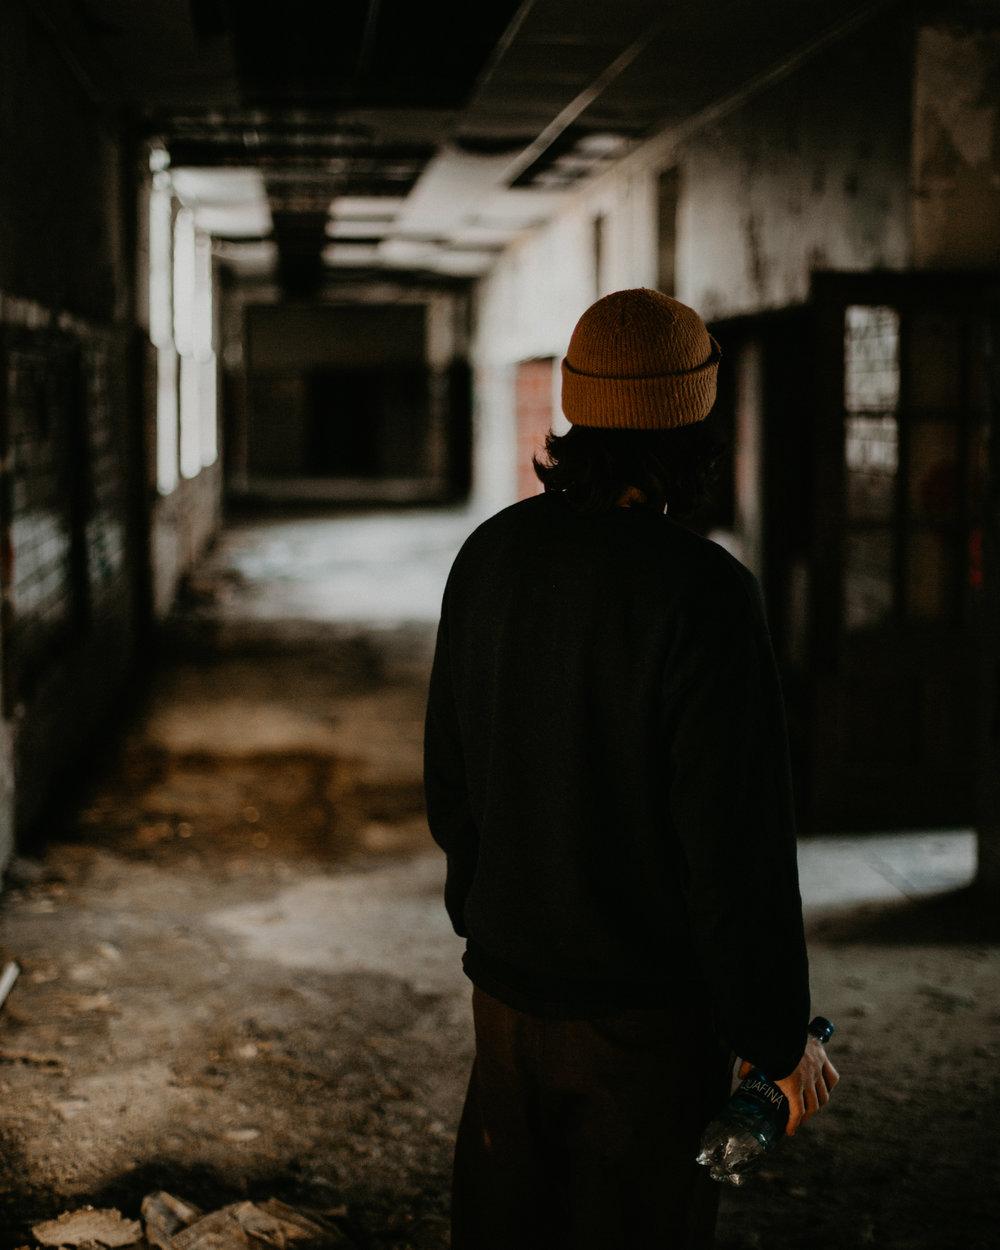 Matt Boeltel in abandoned building. Birmingham, AL.